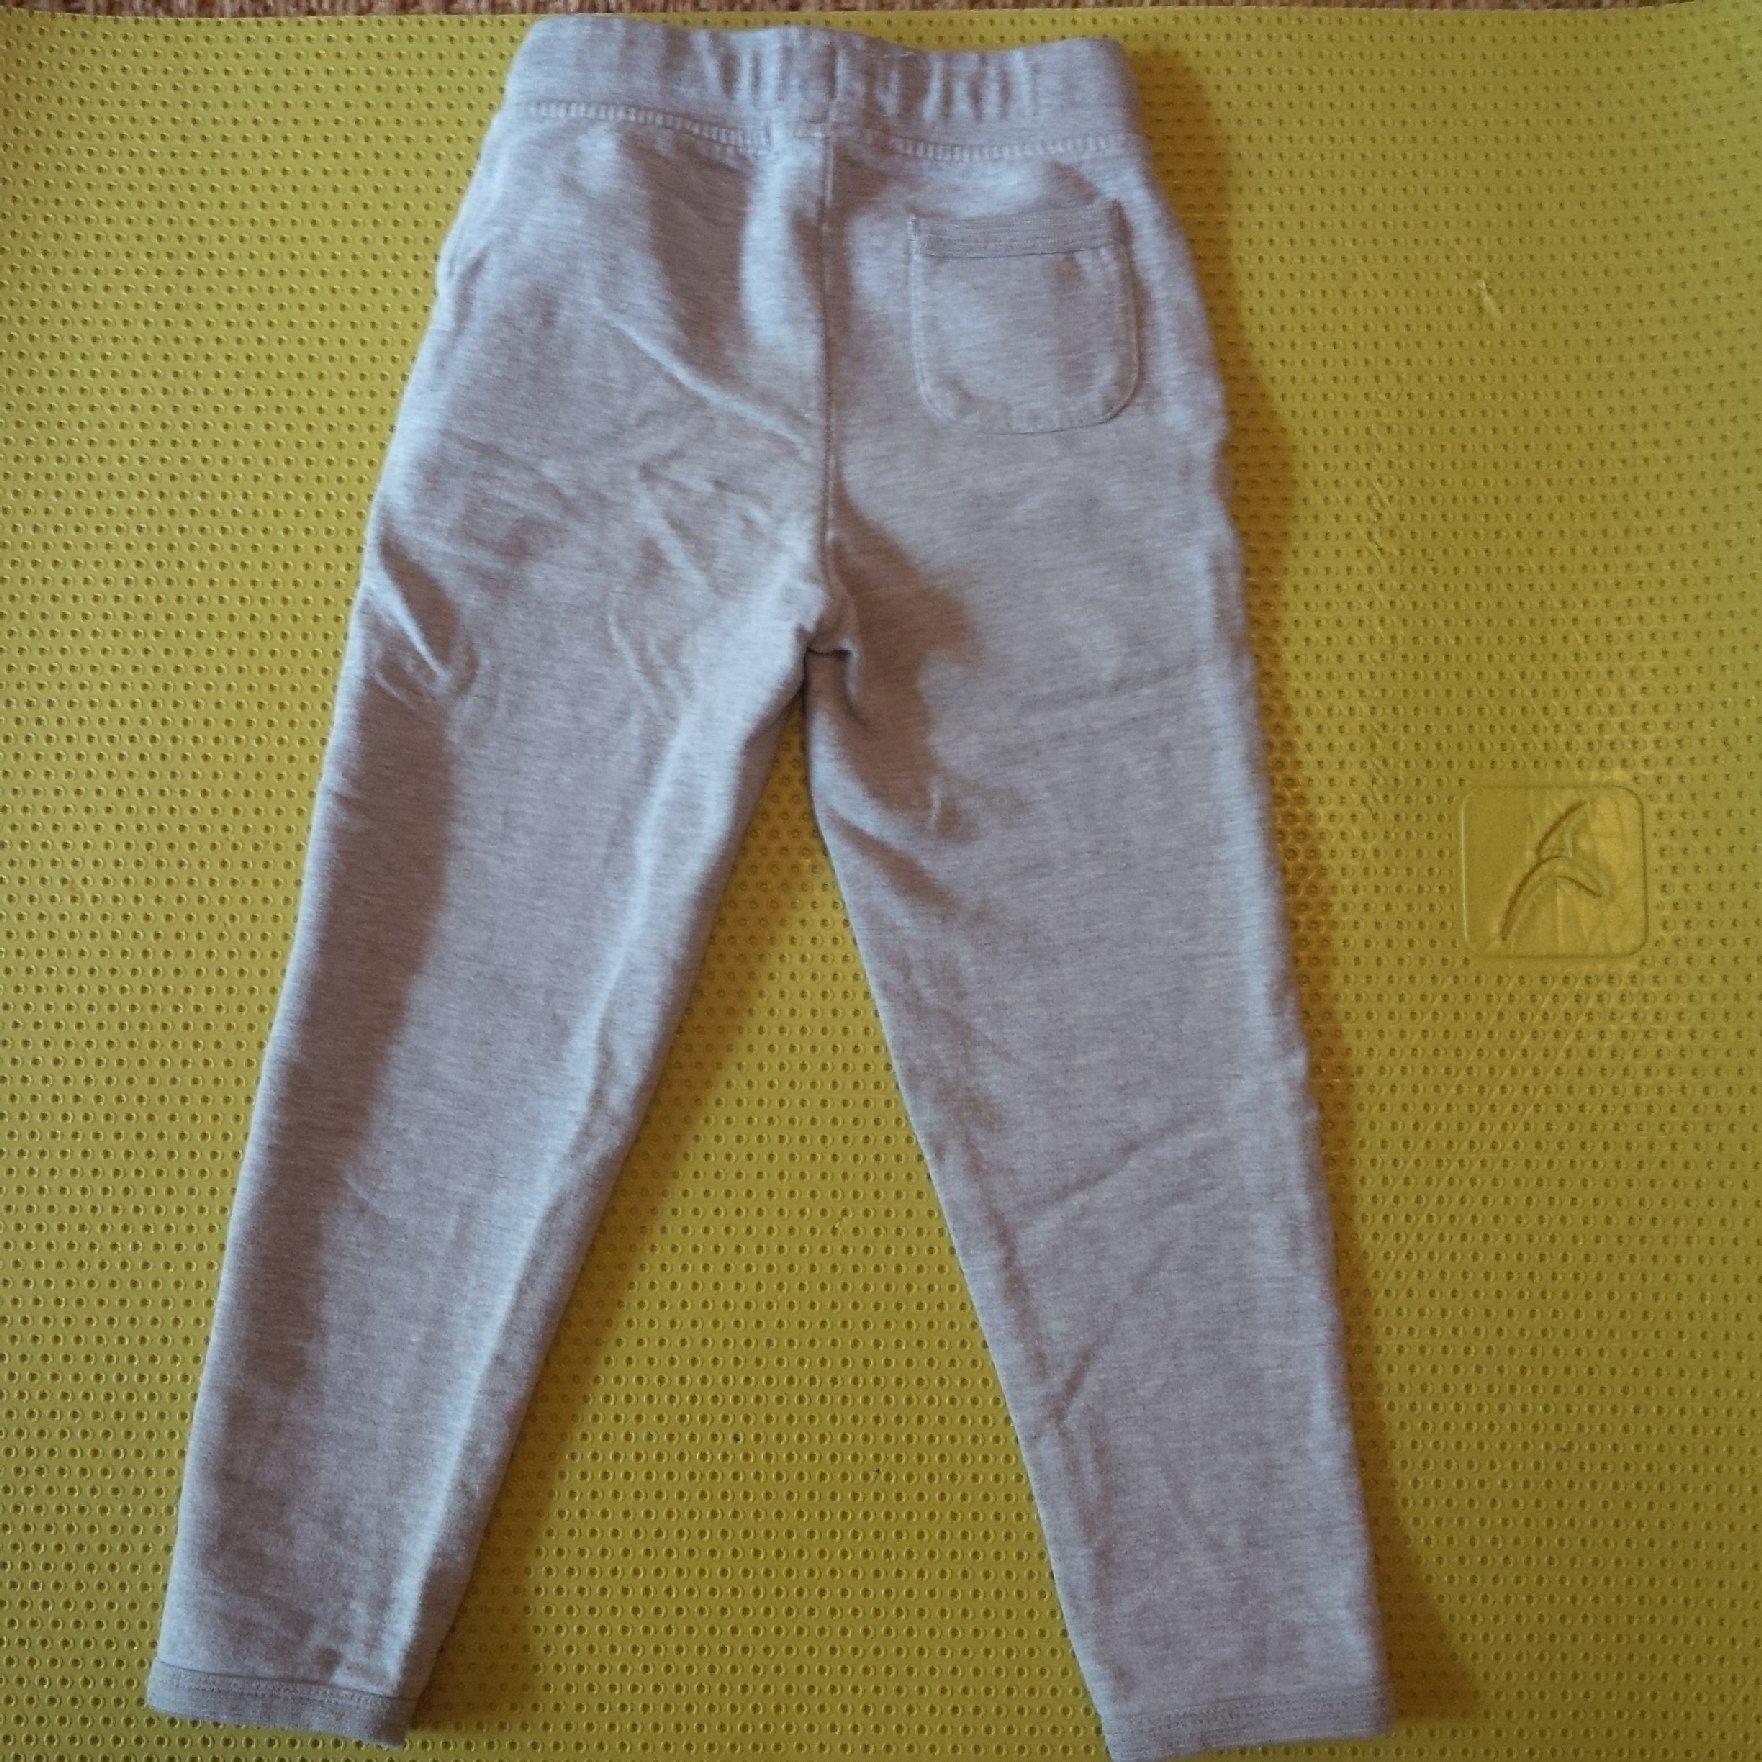 troc de troc pantalong jogging fille 4 ans image 1